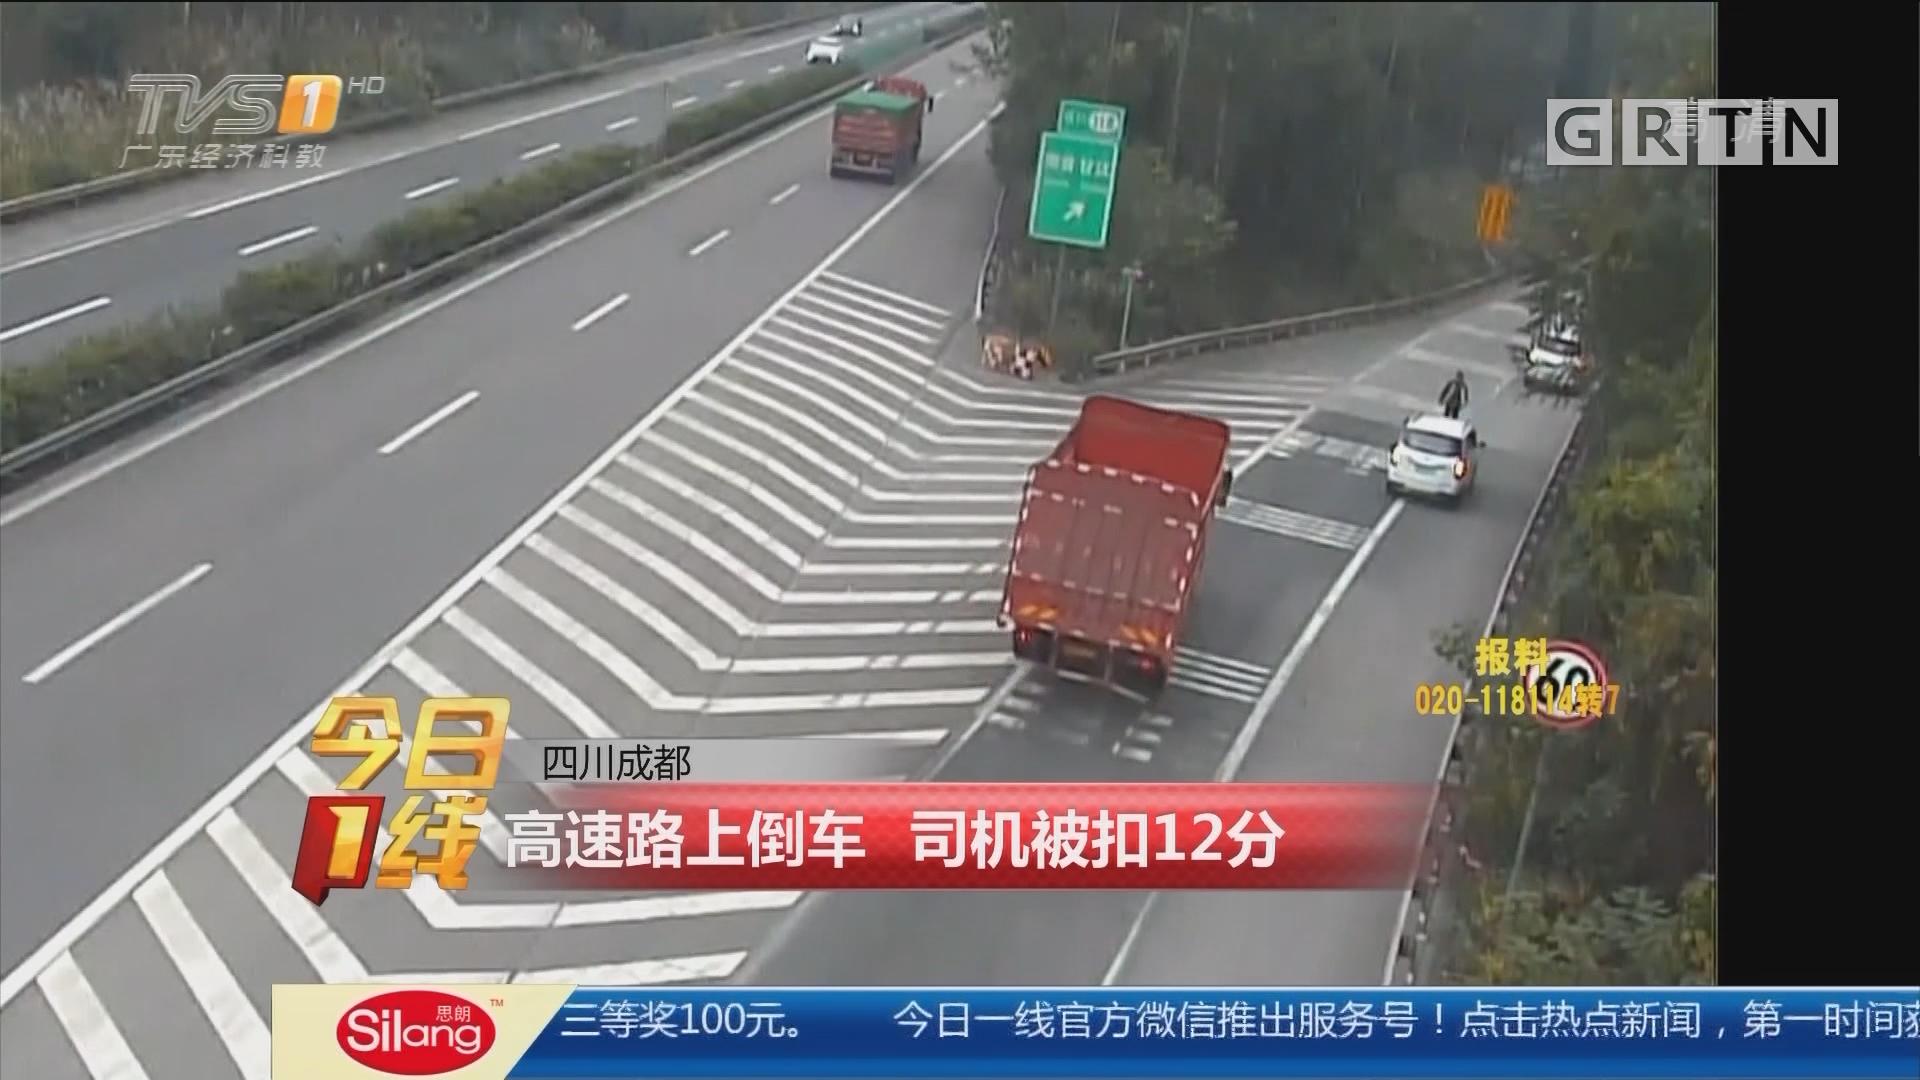 四川成都:高速路上倒车 司机被扣12分